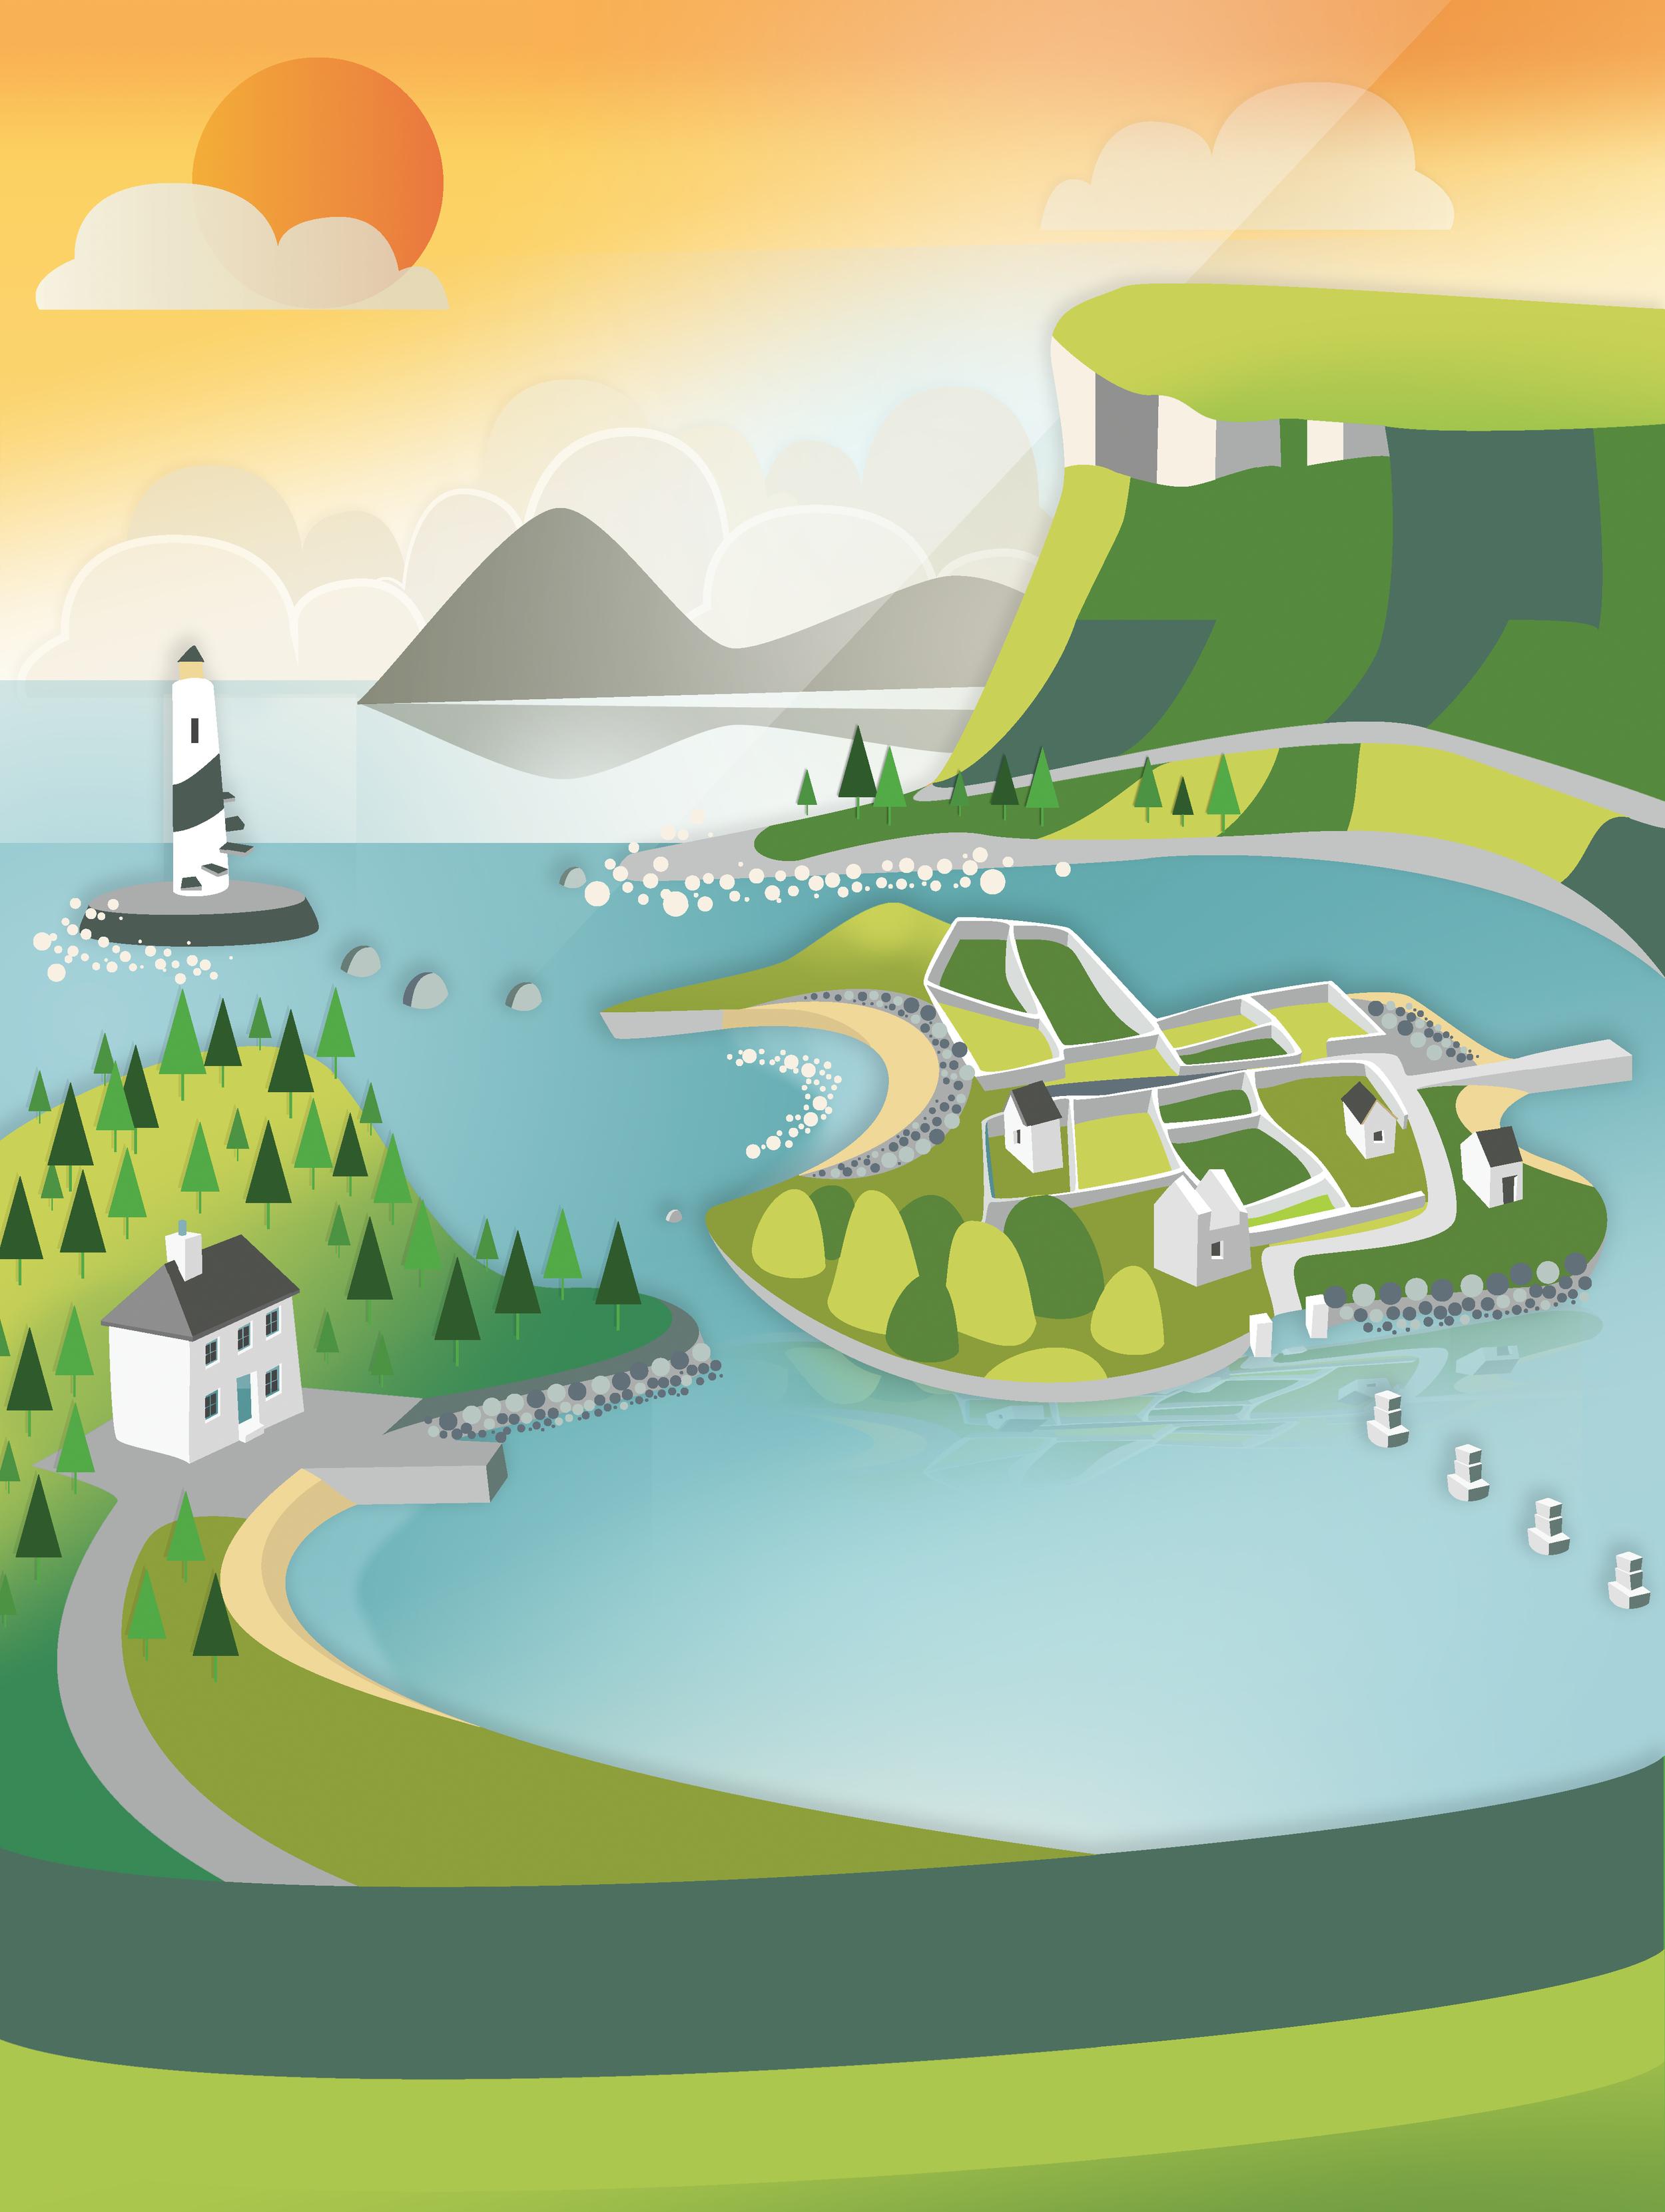 Sligo Bay Illustration